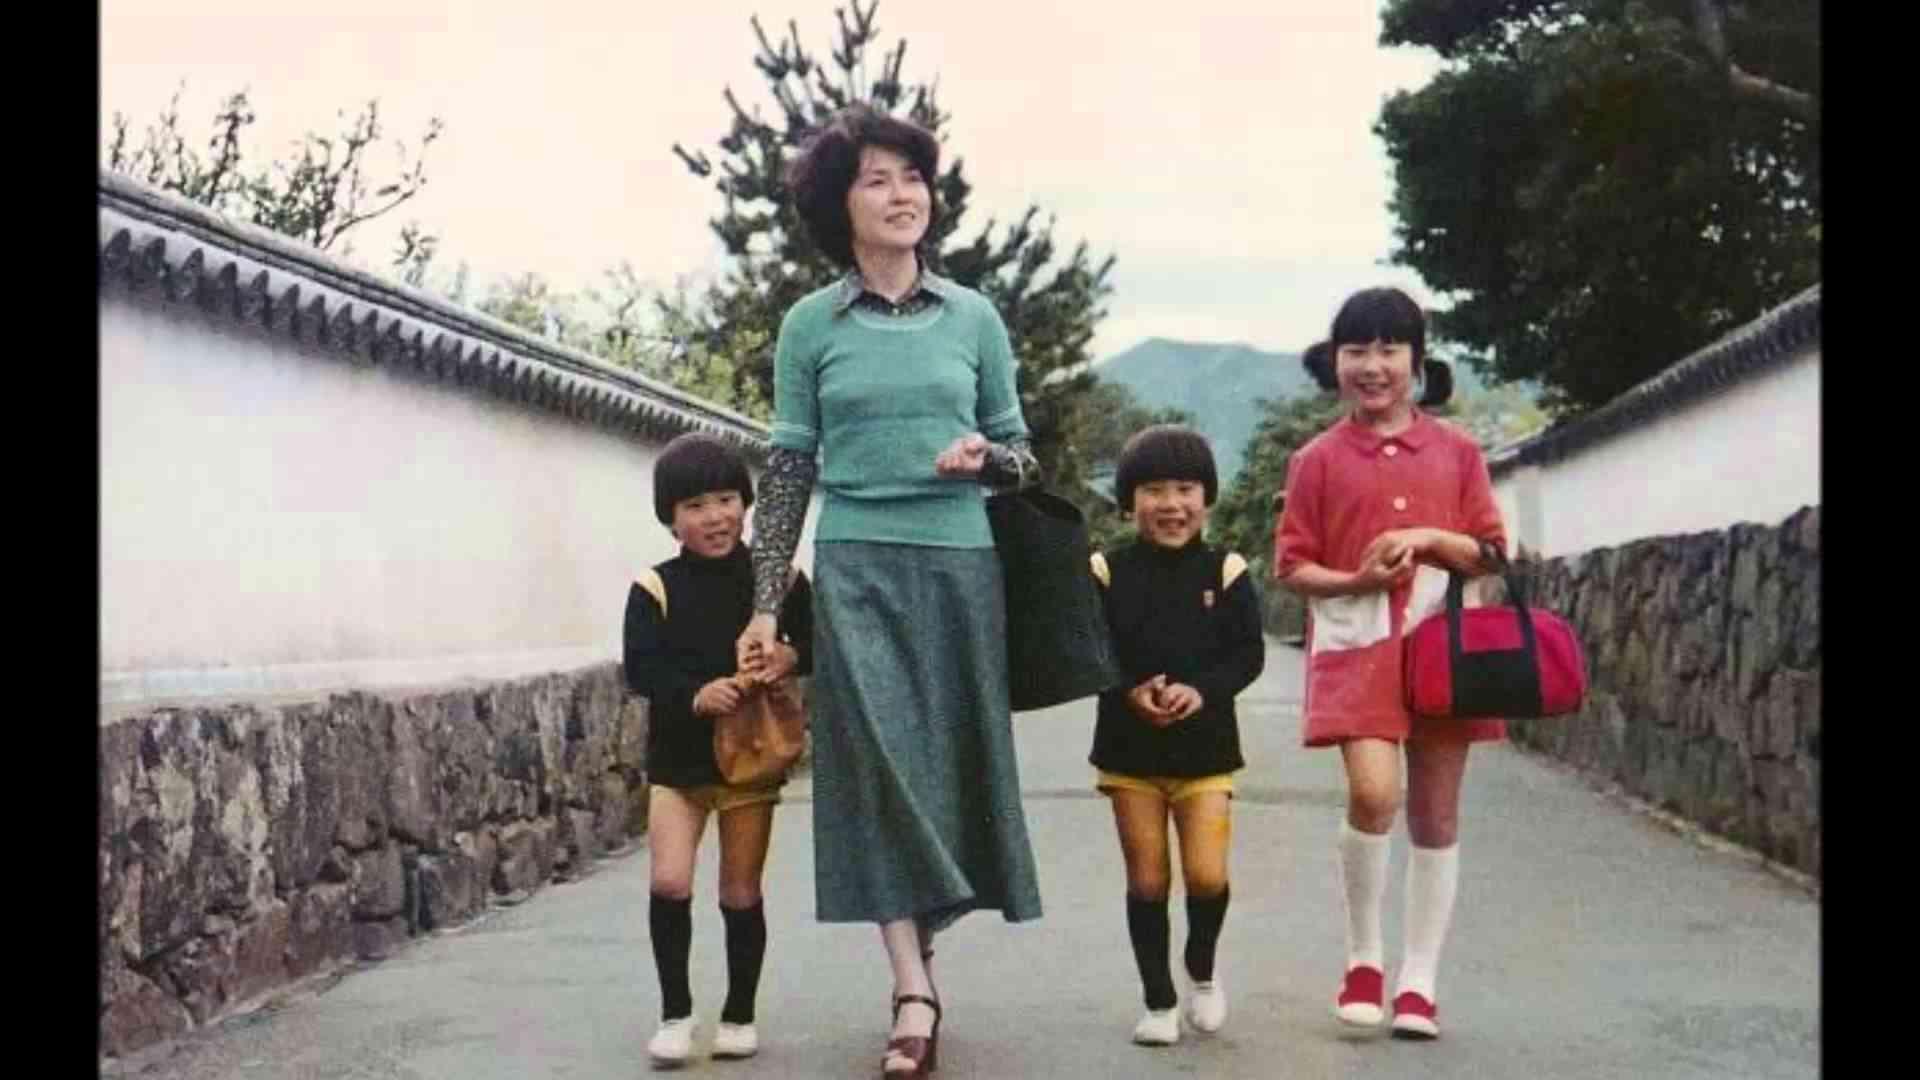 横田めぐみさん拉致40年 早紀江さん「政府は全力の取り組みを」